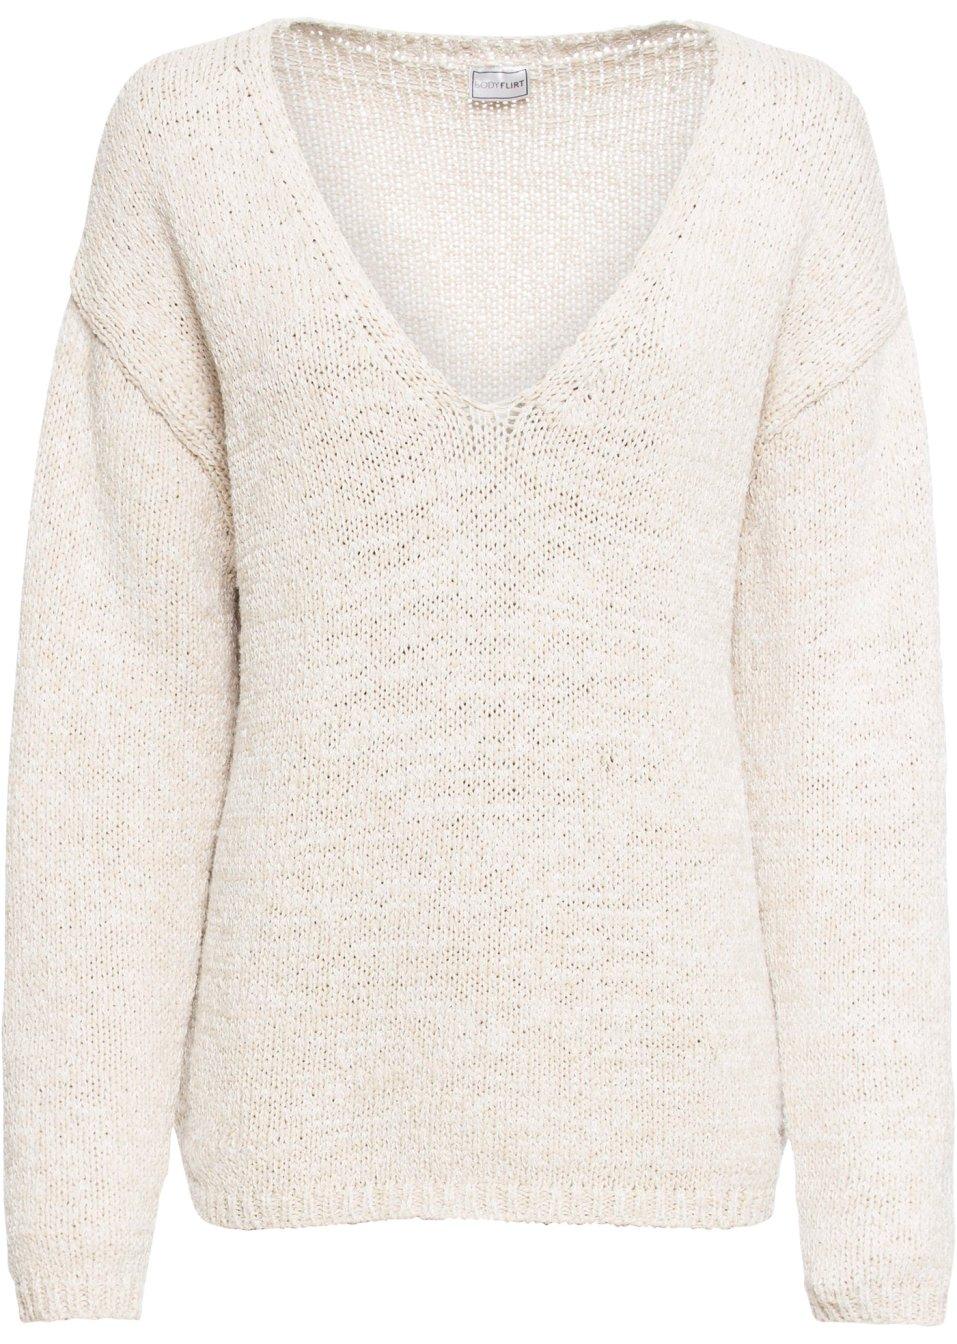 Pullover mit V-Ausschnitt - beige fkaUb WUfCF